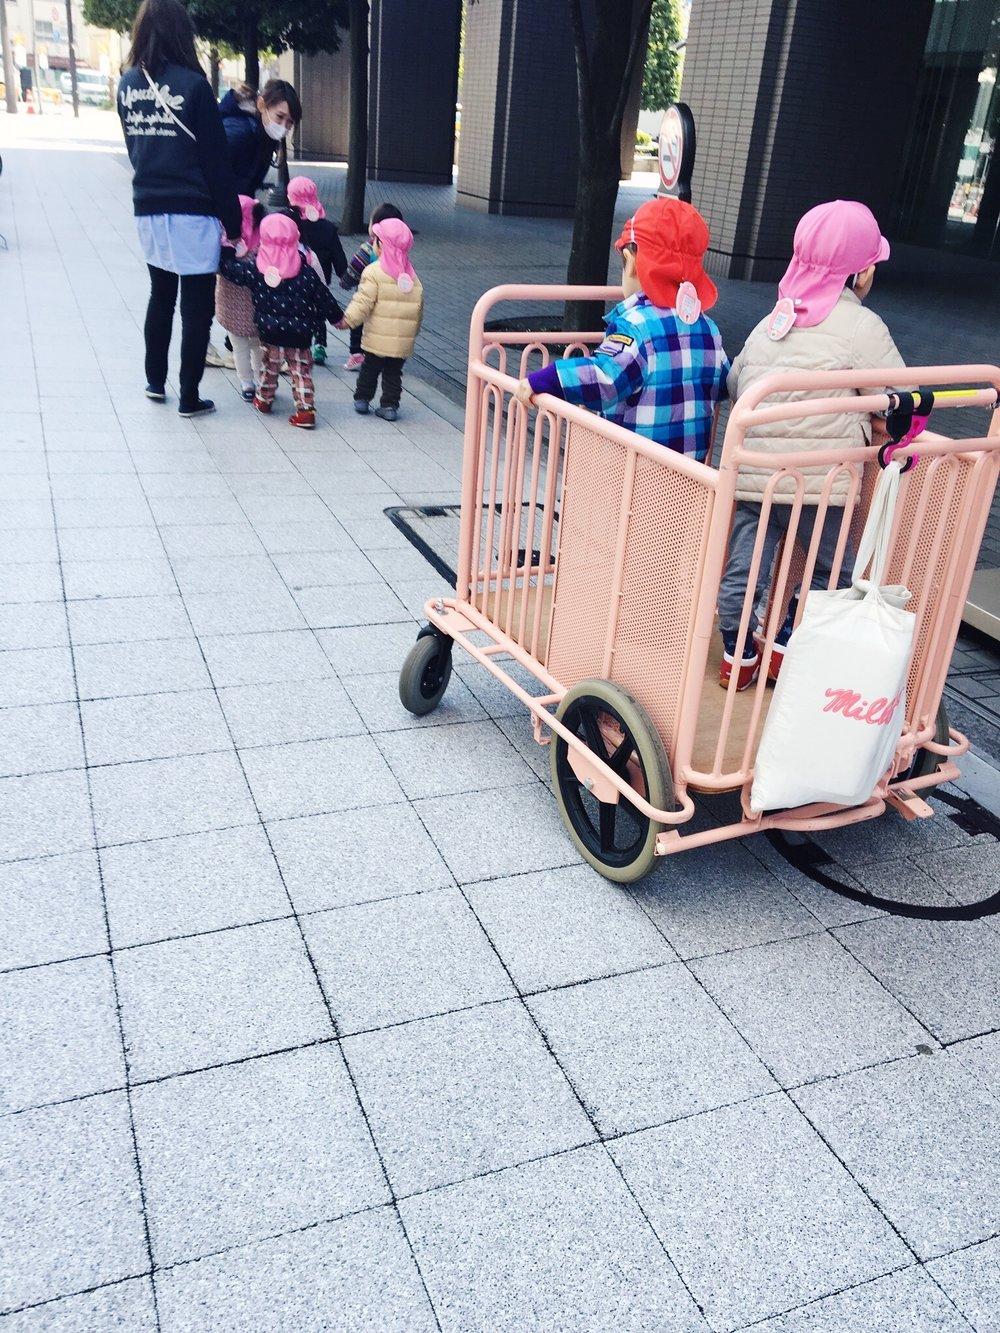 Japanese school children